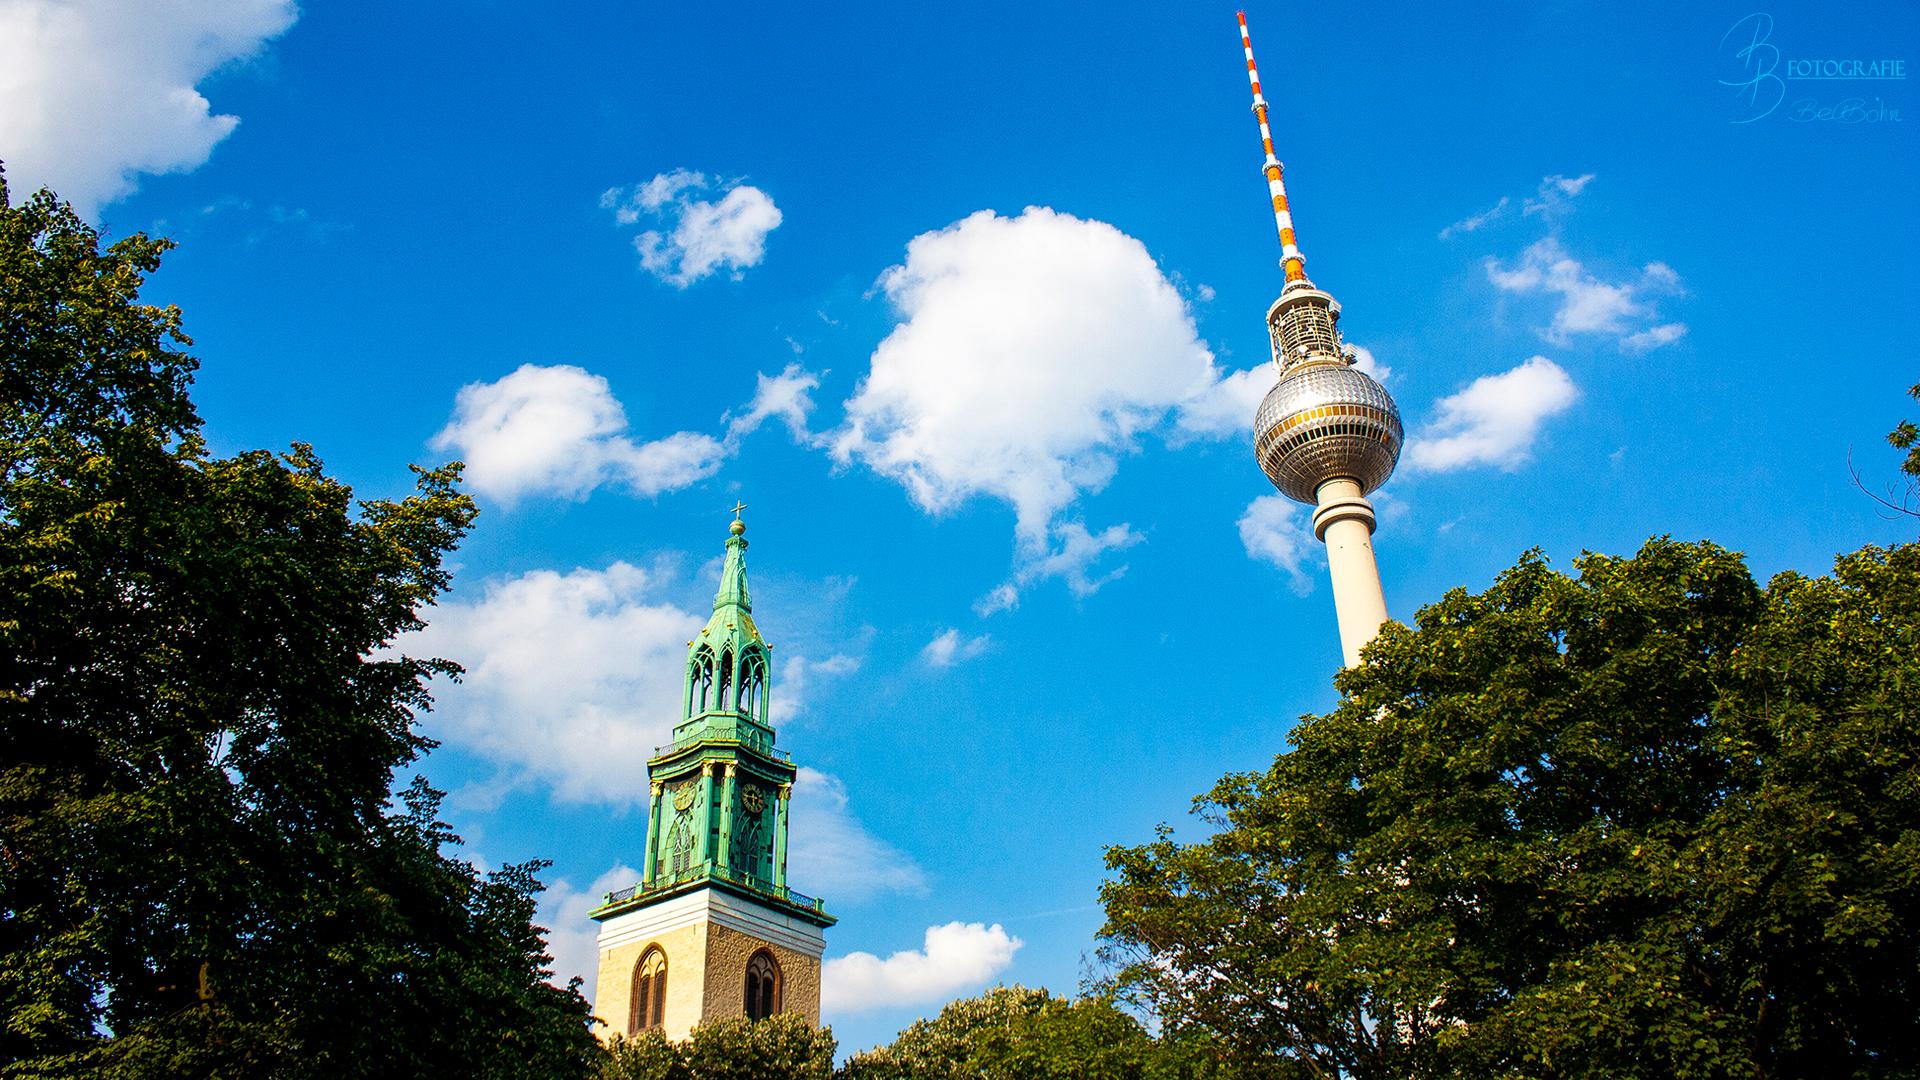 06 Der Fernsehturm und der Turm der Marienkirche